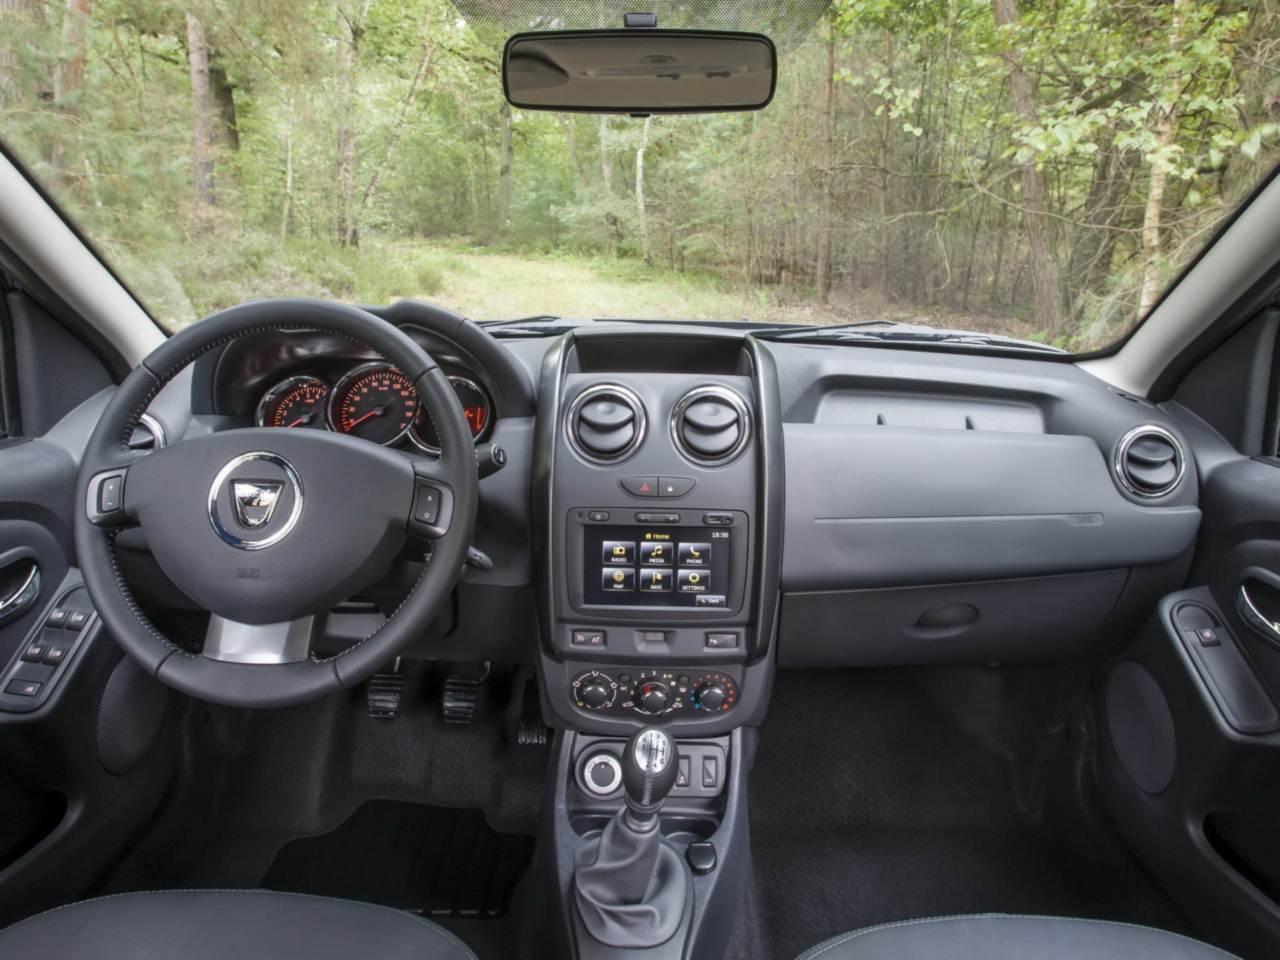 Novo duster 2014 mais fotos externas e do interior car blog br - Dacia duster 2017 interior ...